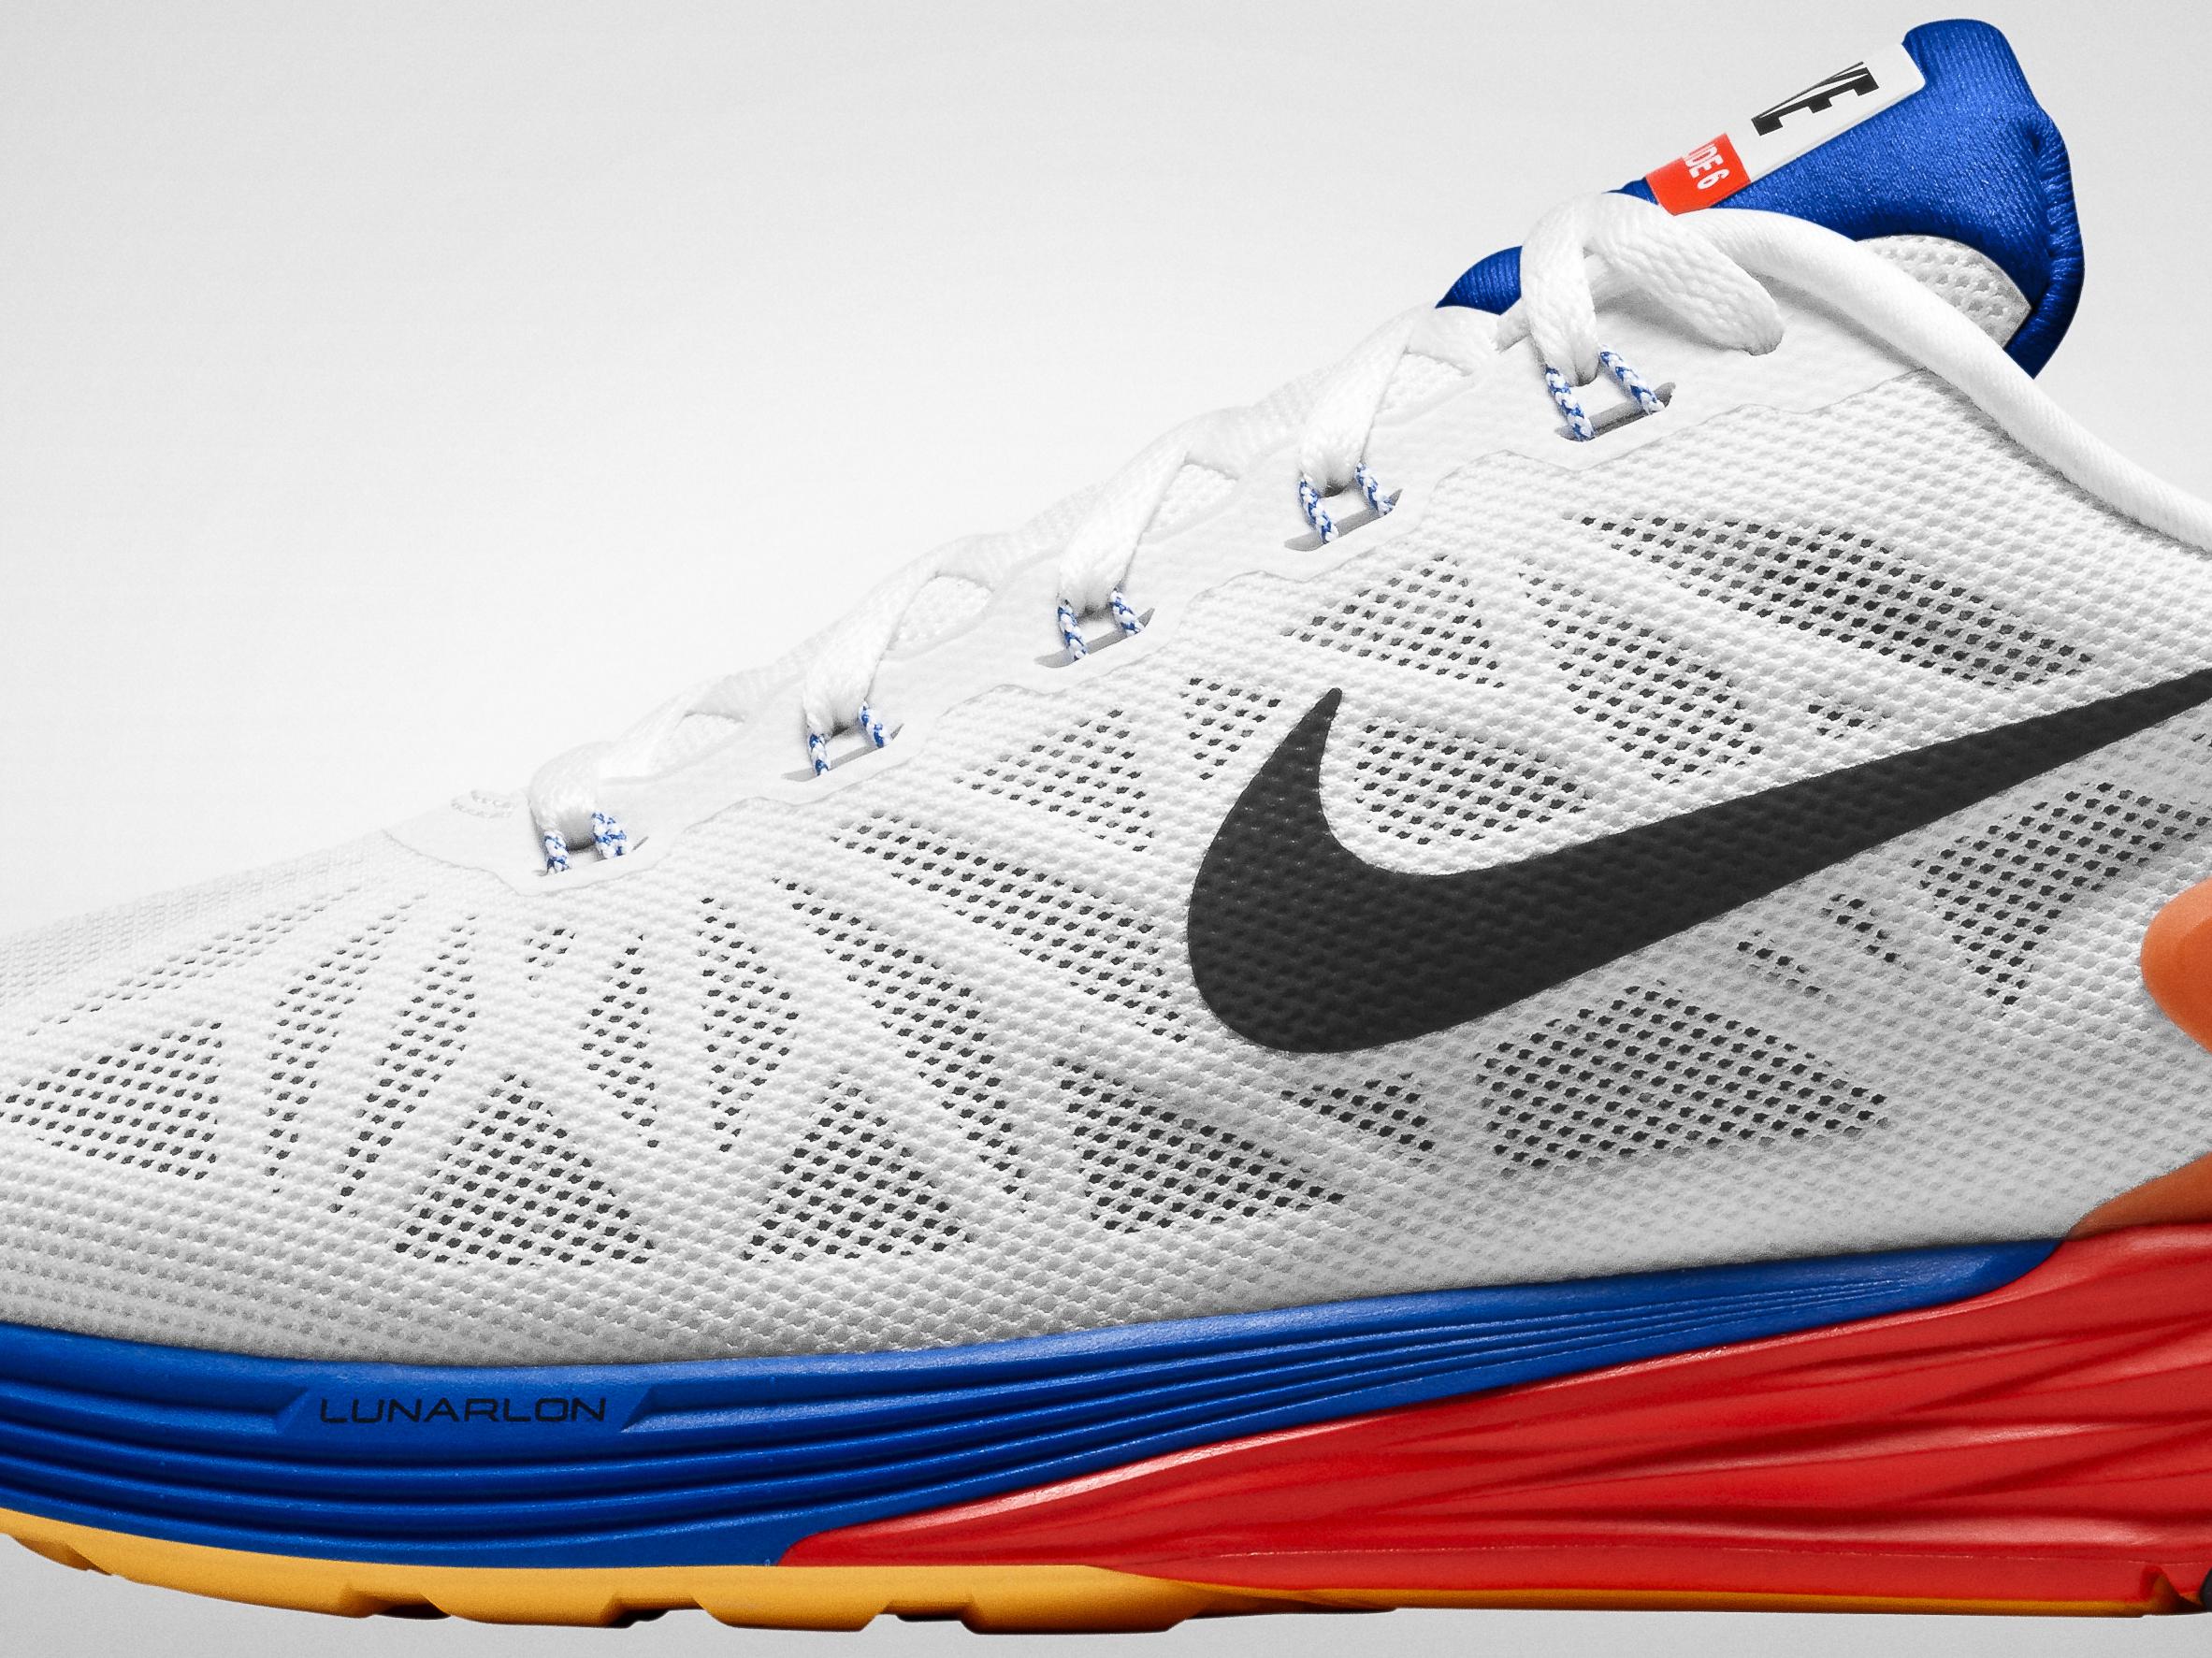 rabais dernière braderie chaud Nike Lunarglide 6 Avis Uk Dating 100% garanti vente vraiment résistant à l'usure 5r4OrRqyzO